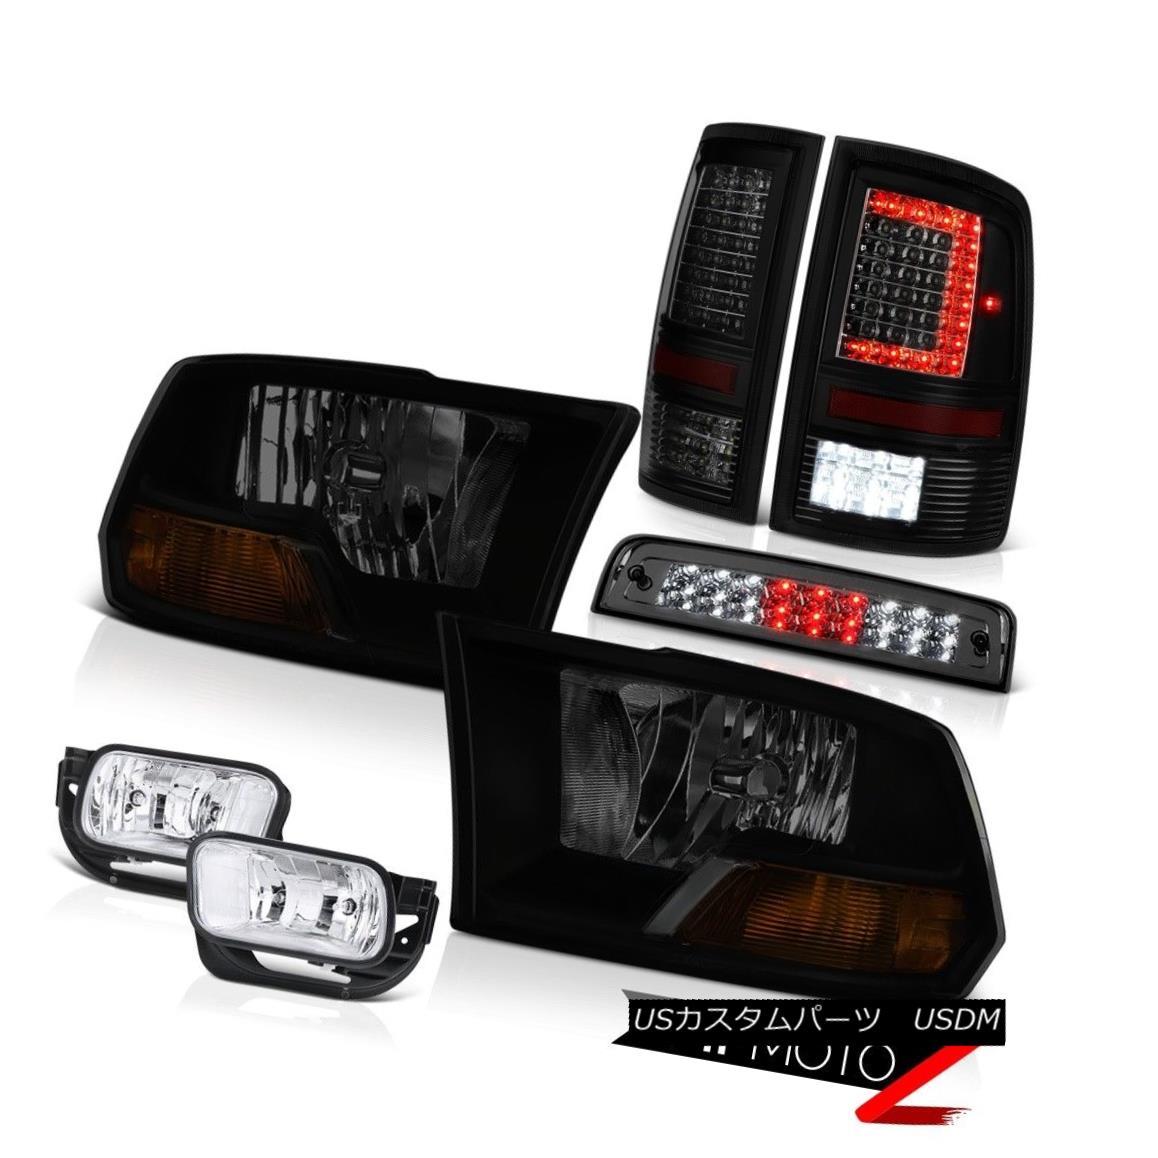 テールライト 09 10 11-18 Dodge RAM 3500 Tail Lights Fog Brake Light Factory Style Headlamp 09 10 11-18 Dodge RAM 3500テールライトフォグブレーキライト工場風前照灯